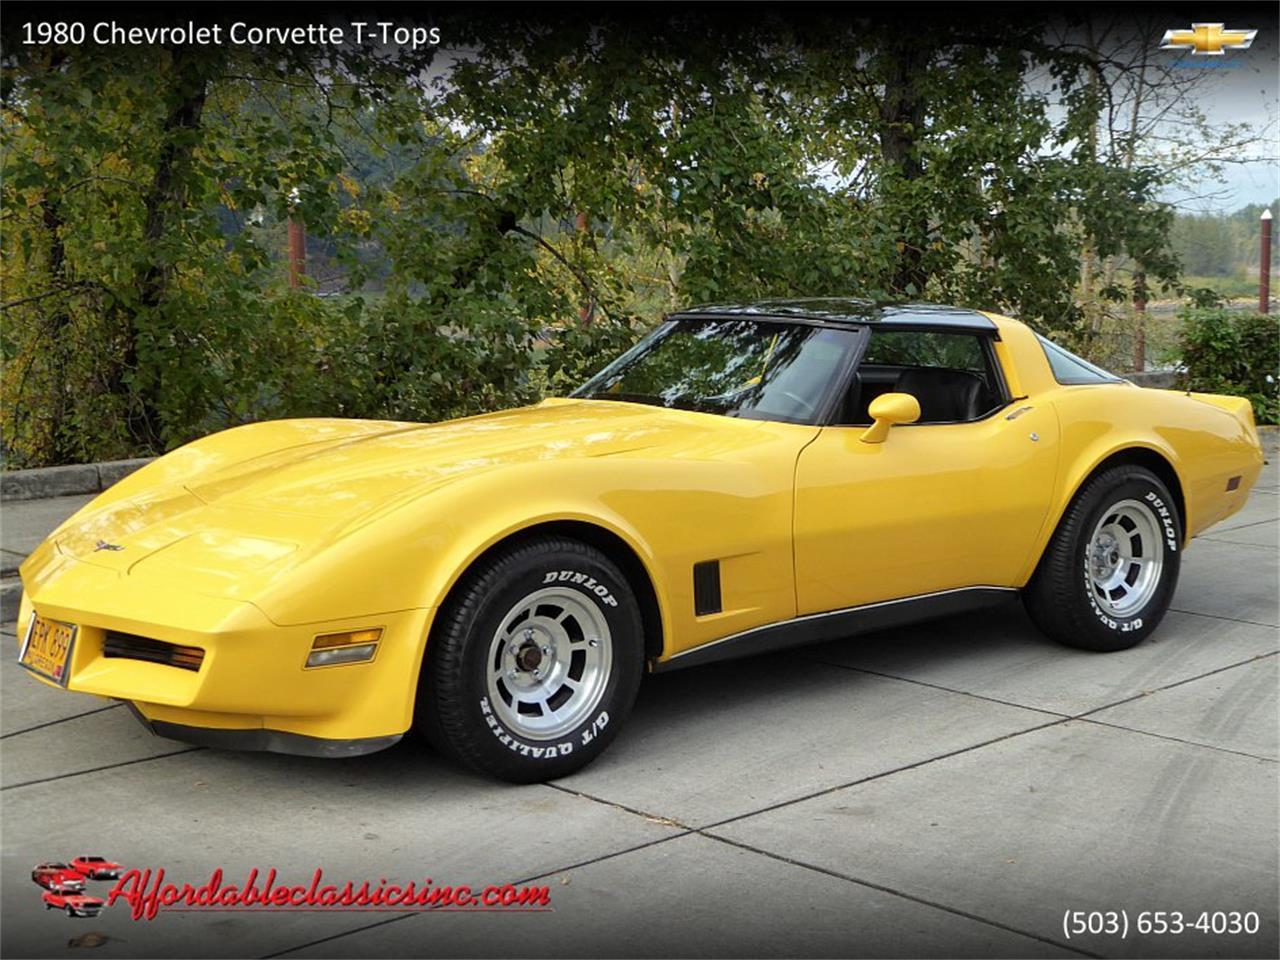 1980 Corvette For Sale >> 1980 Chevrolet Corvette For Sale Classiccars Com Cc 1157842